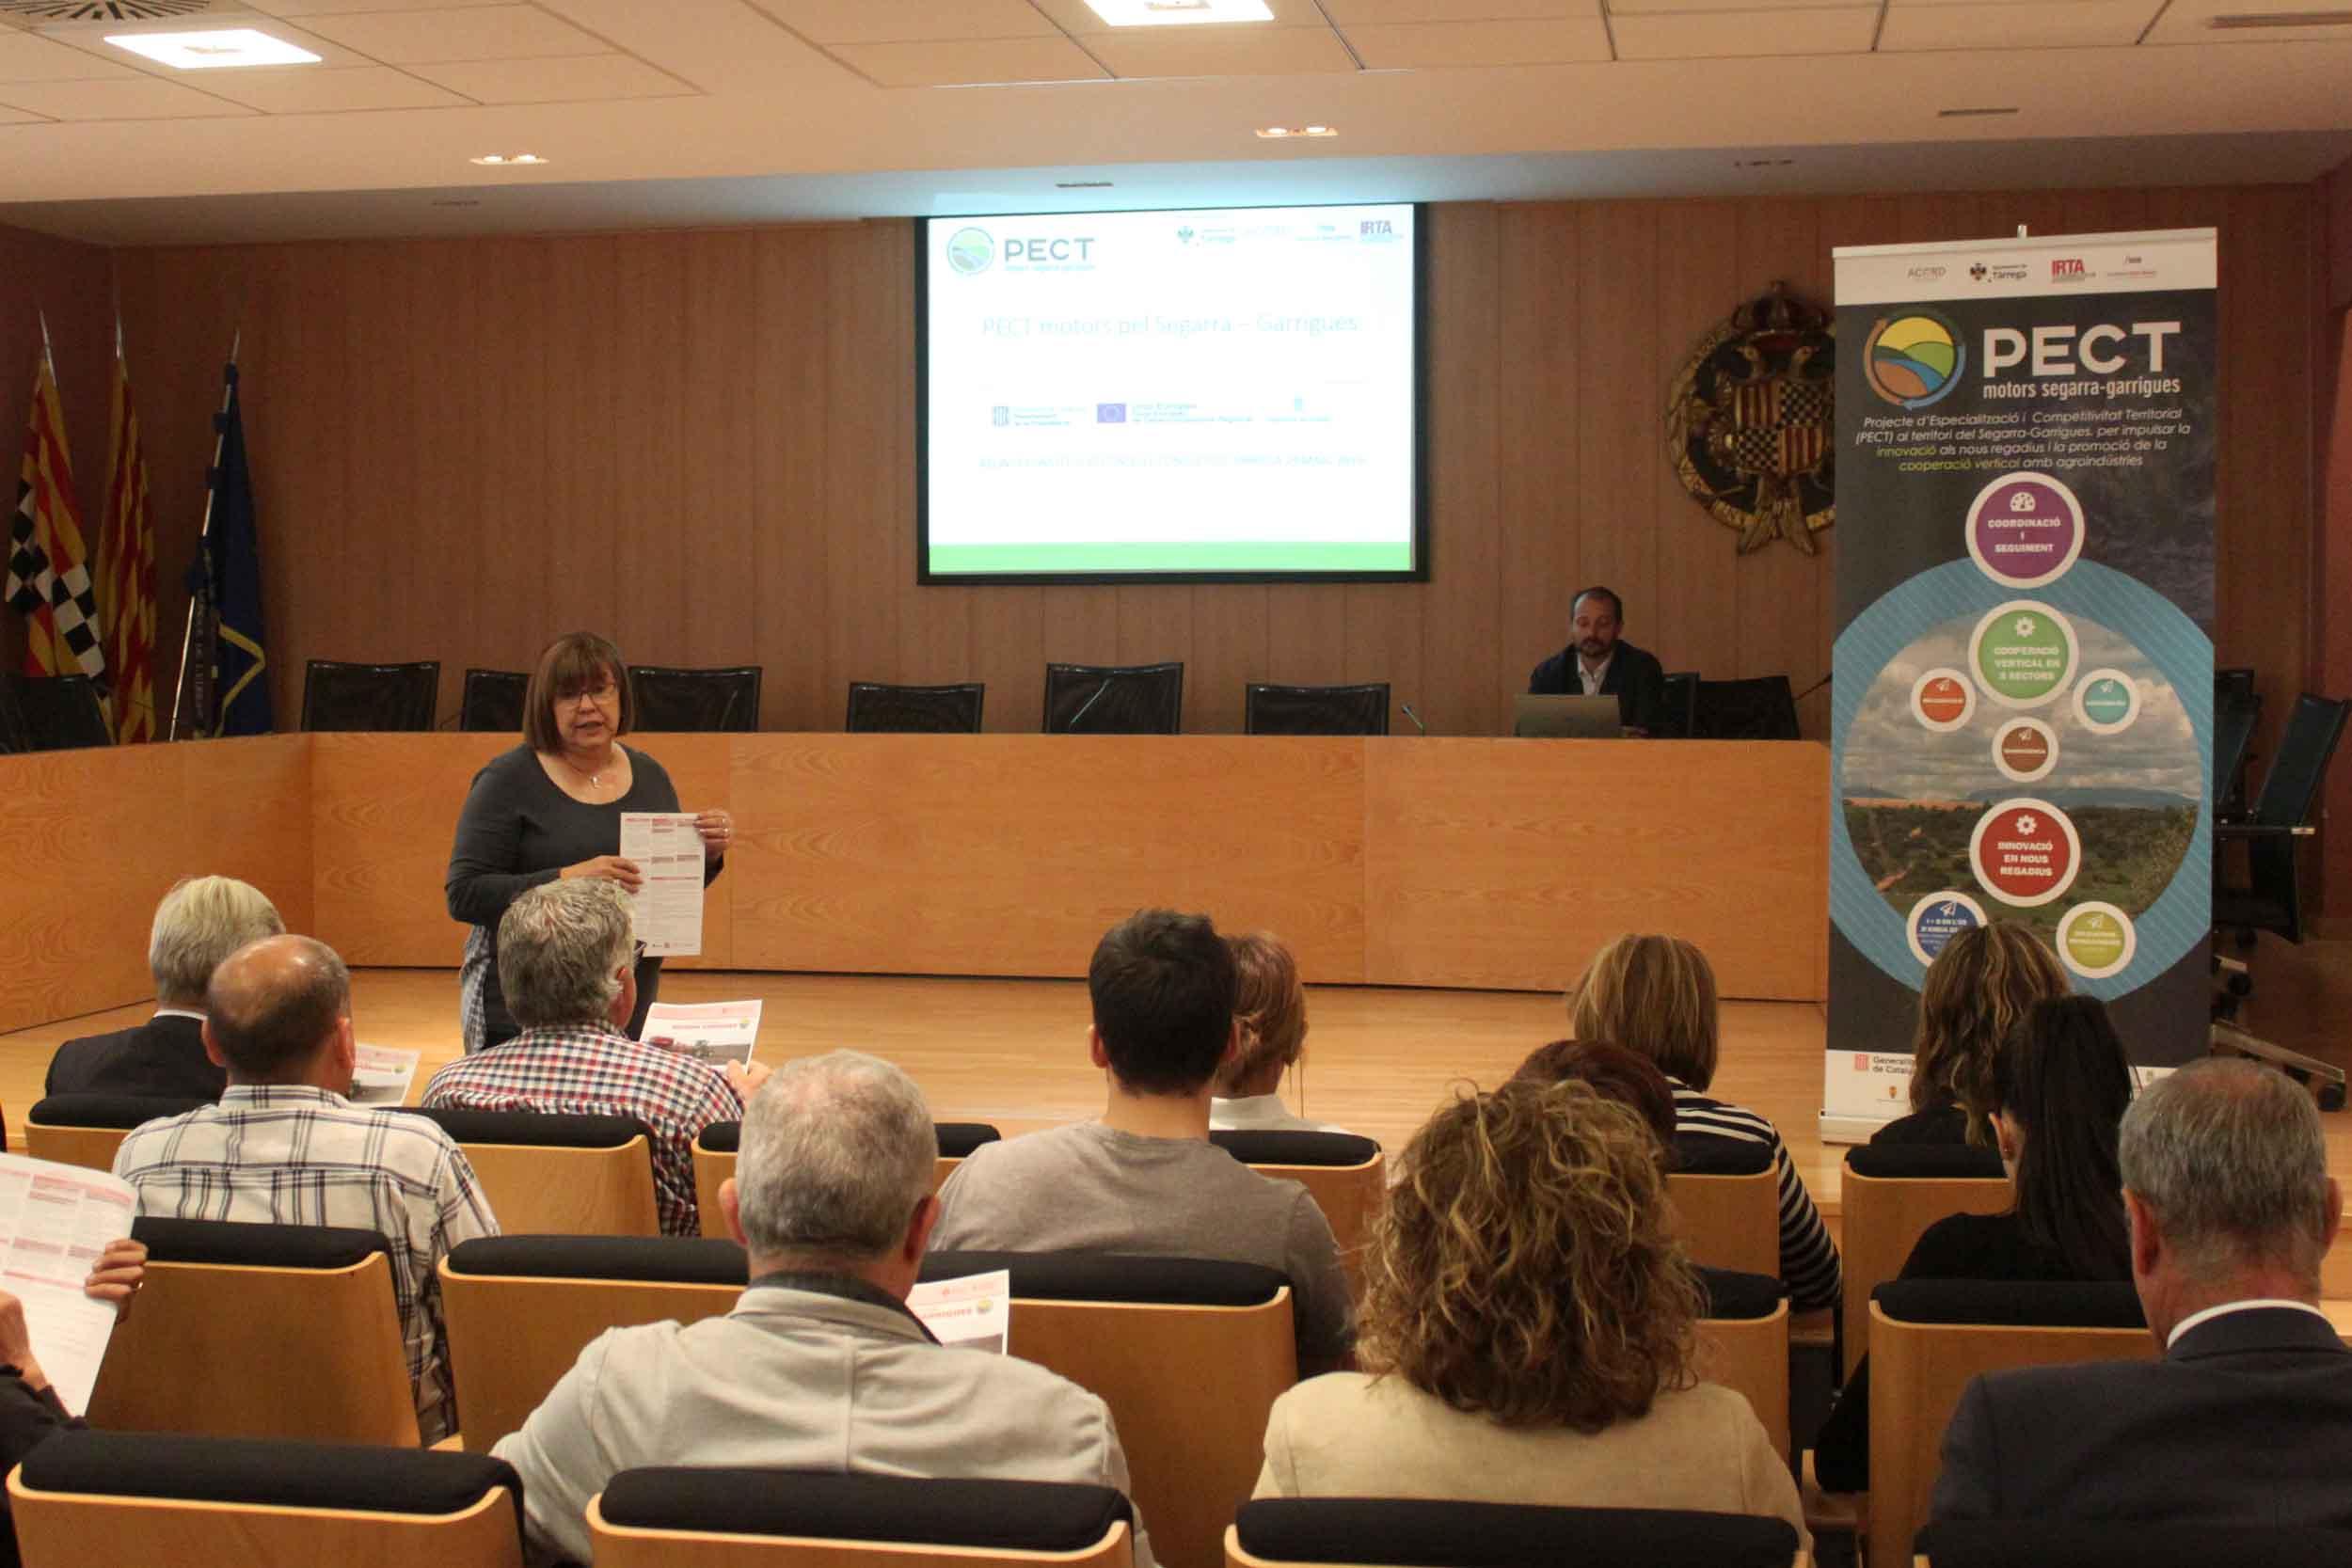 Tàrrega amplia les aliances estratègiques amb empreses i entitats per impulsar el creixement econòmic mitjançant el canal Segarra – Garrigues